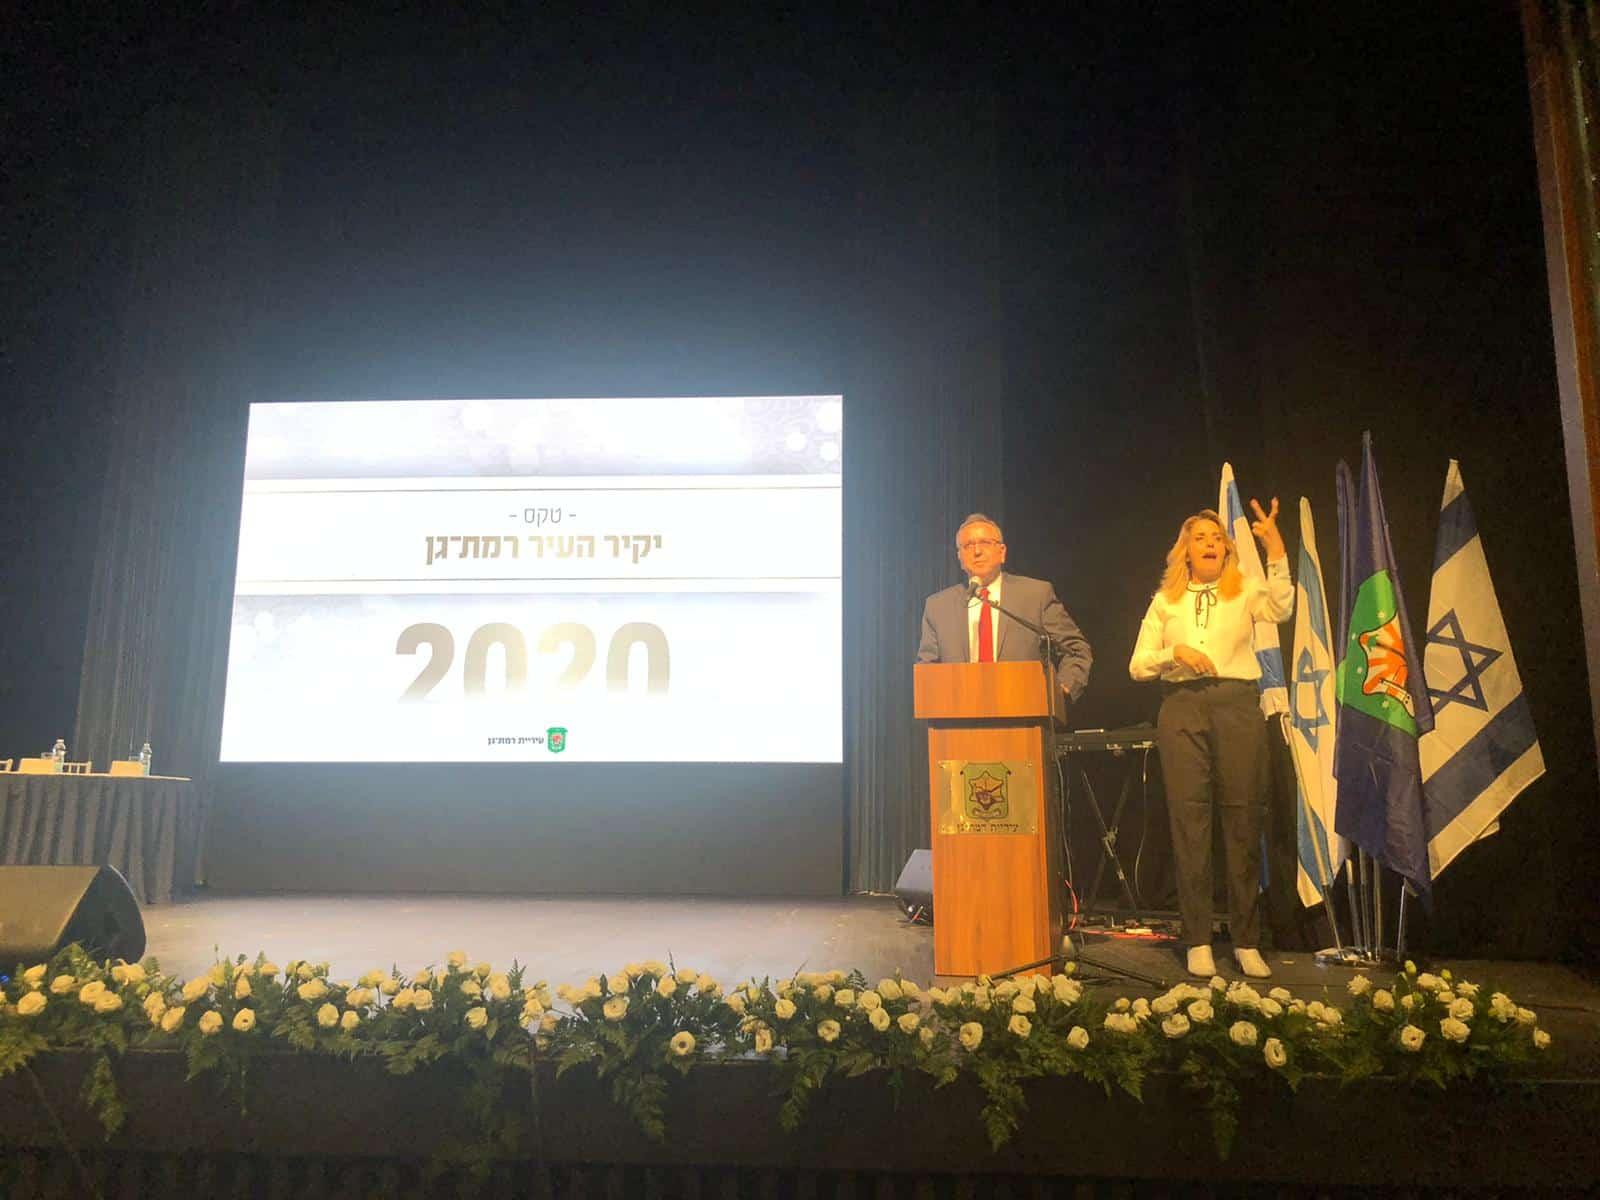 יקיר העיר רמת גן 2020